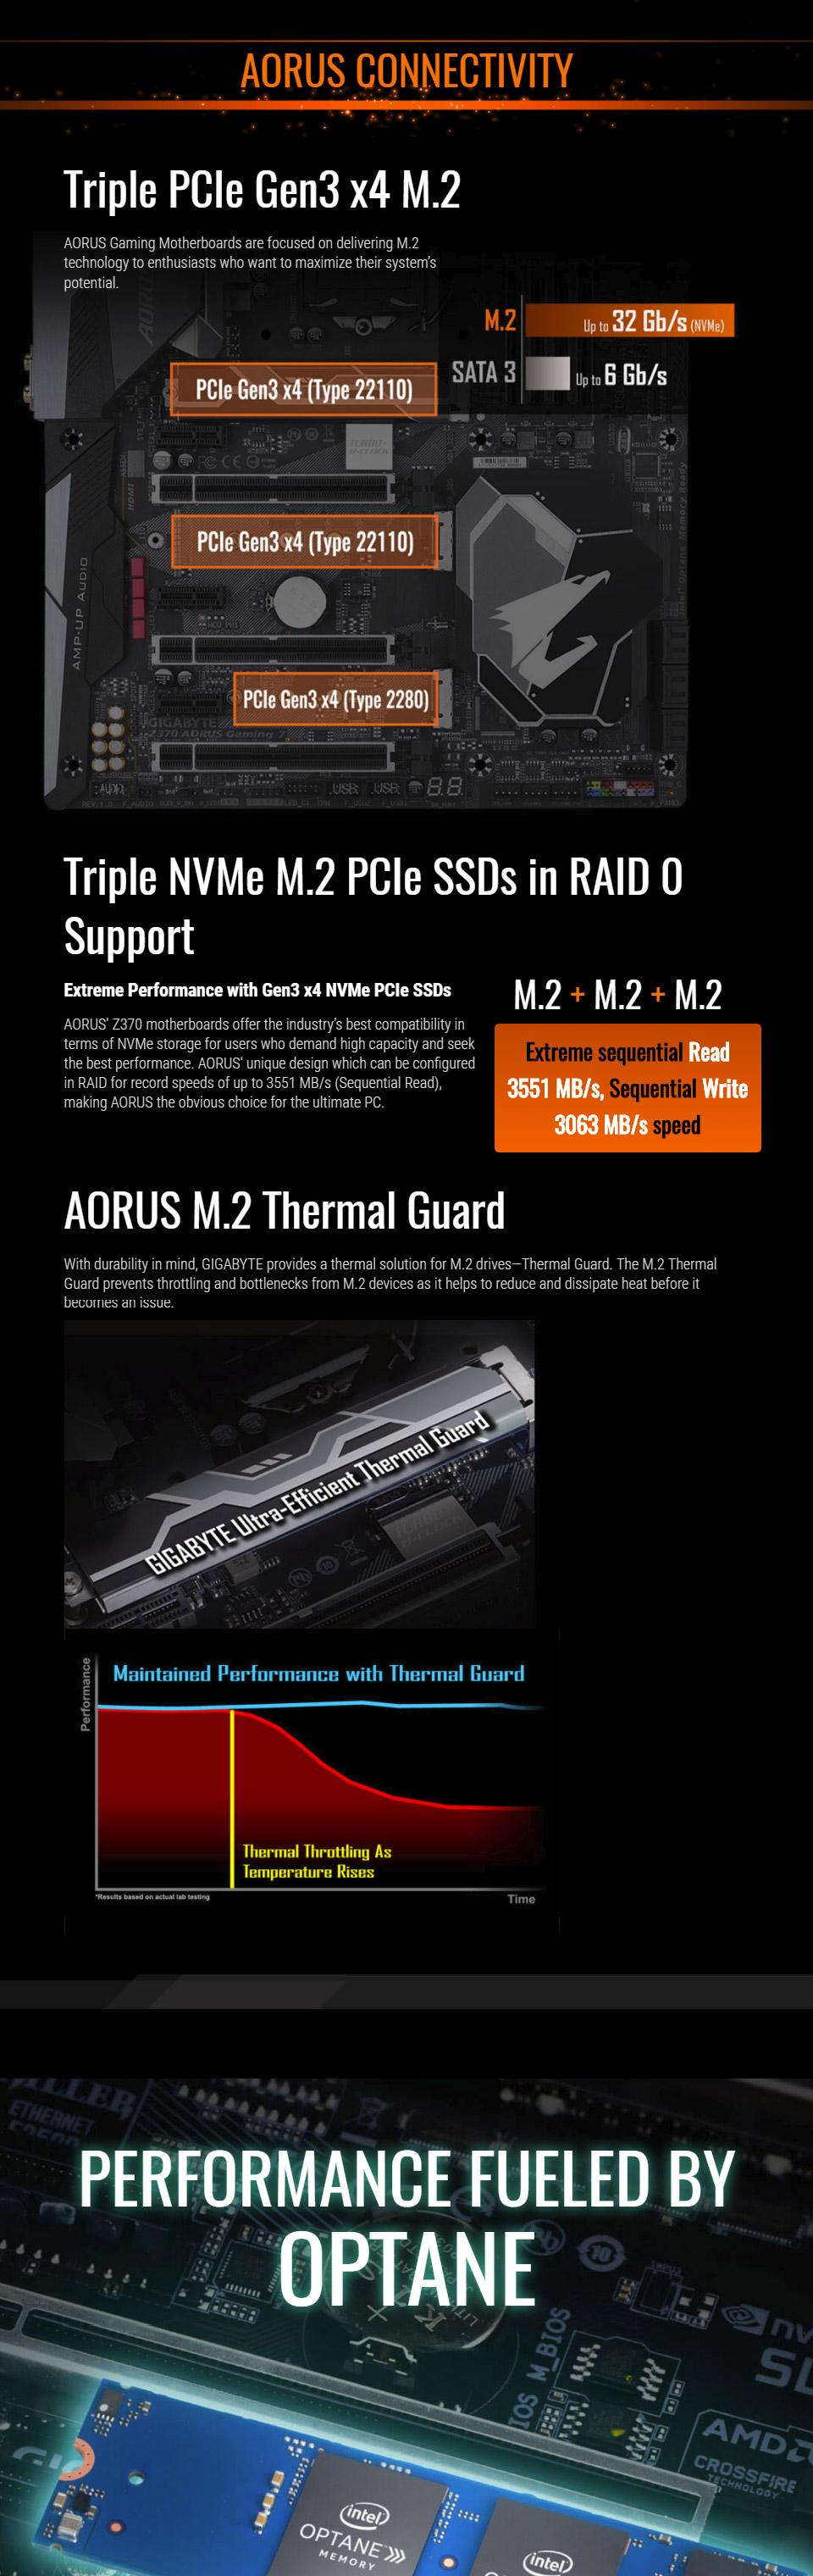 Gigabyte Z370 AORUS Gaming 7 Motherboard [GA-Z370-AORUS-GAMING-7